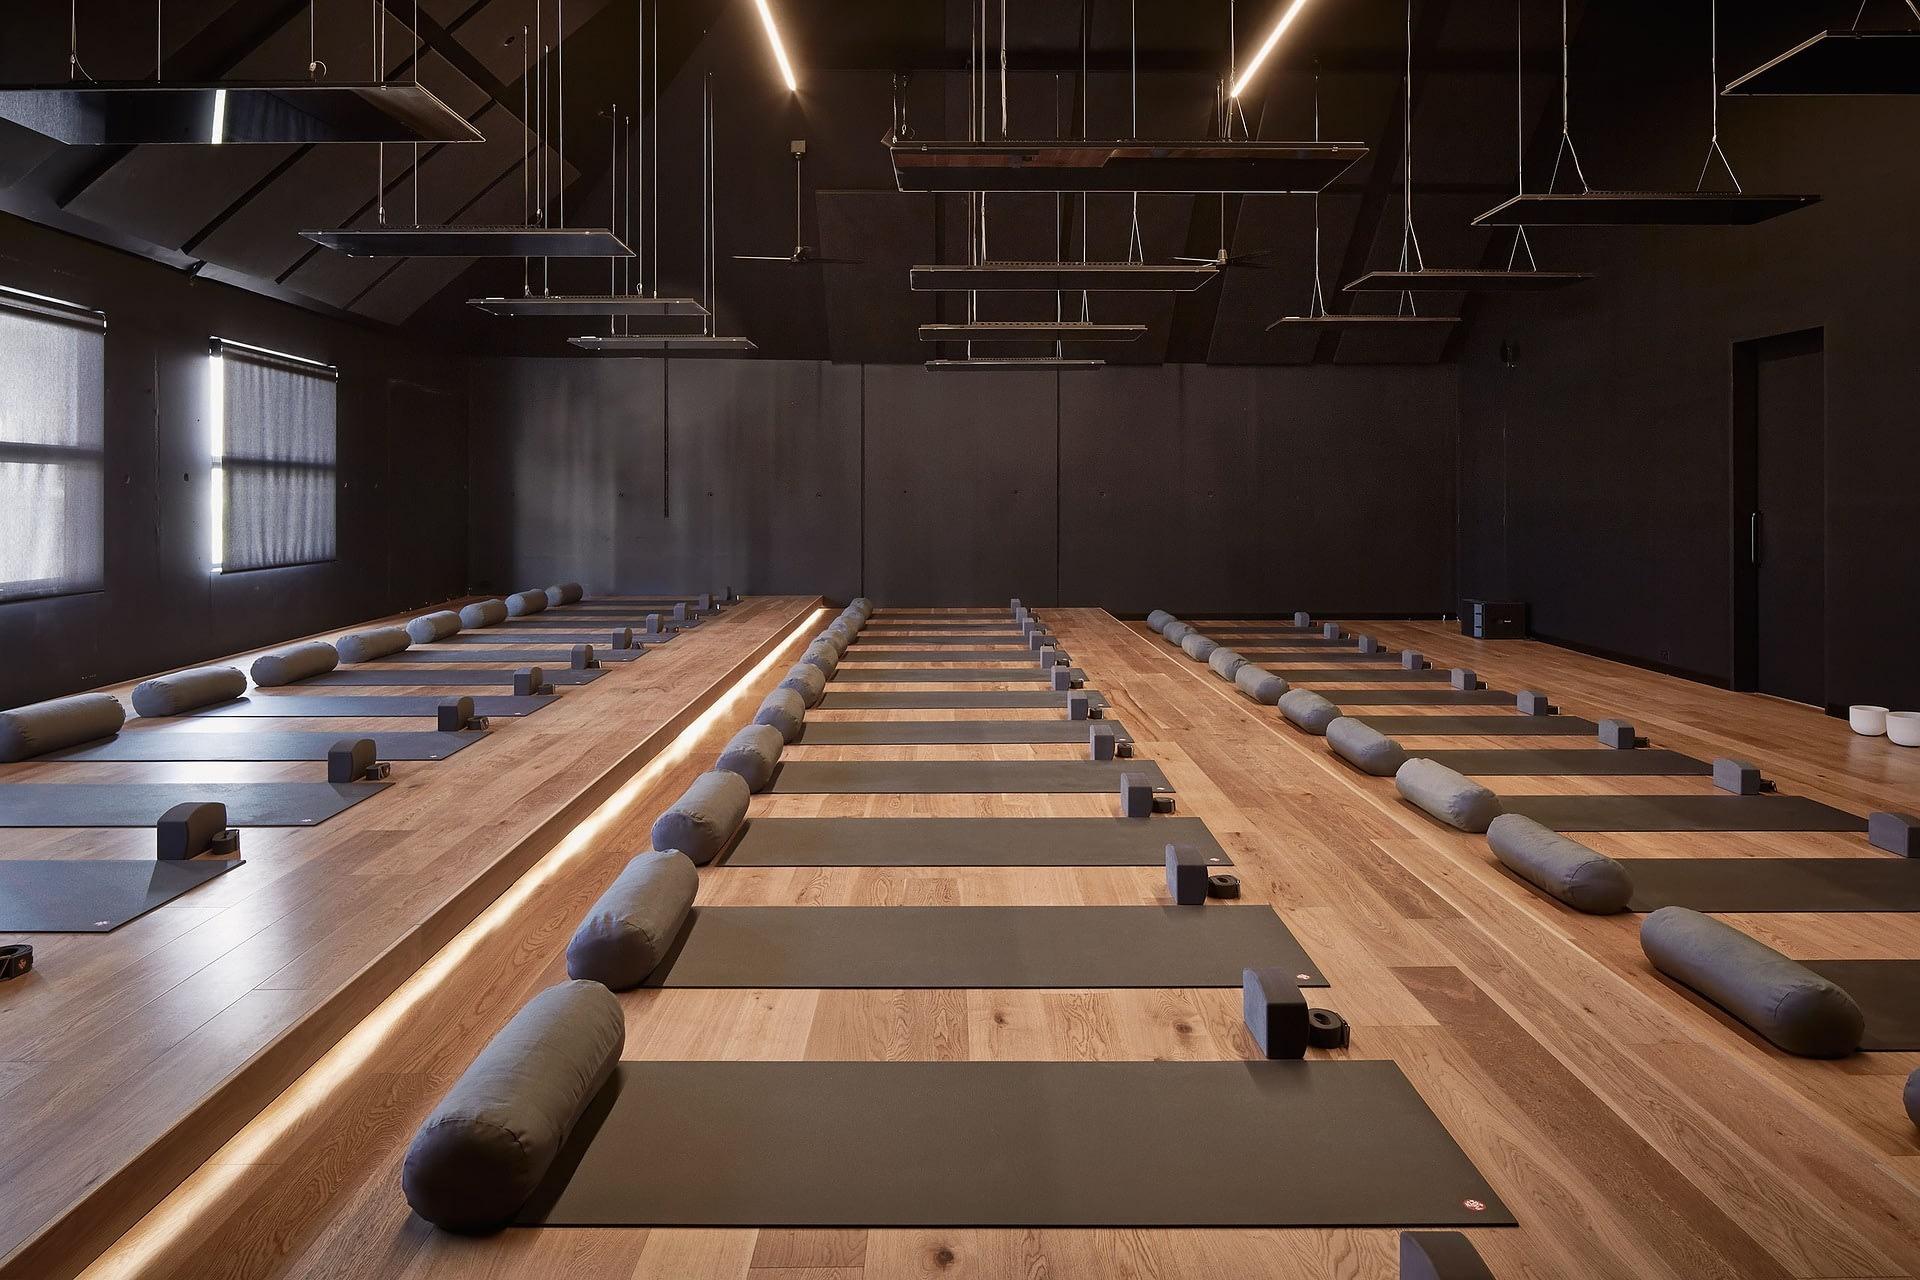 picture of a yoga studio